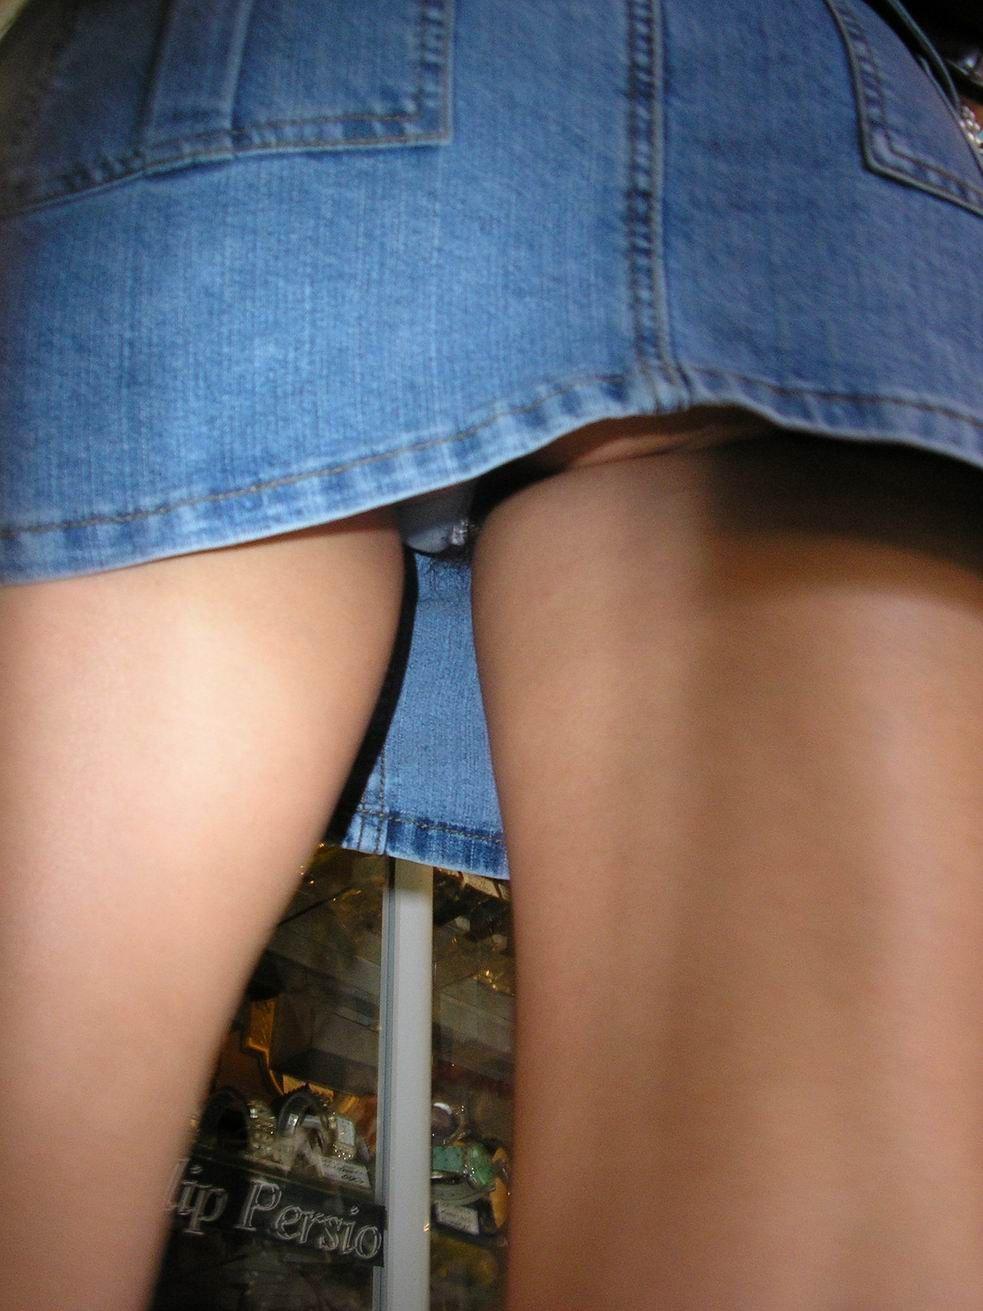 Засвет Пэрис Хилтон. Заглядываем под юбку (9 фото) » ANTIF.RU